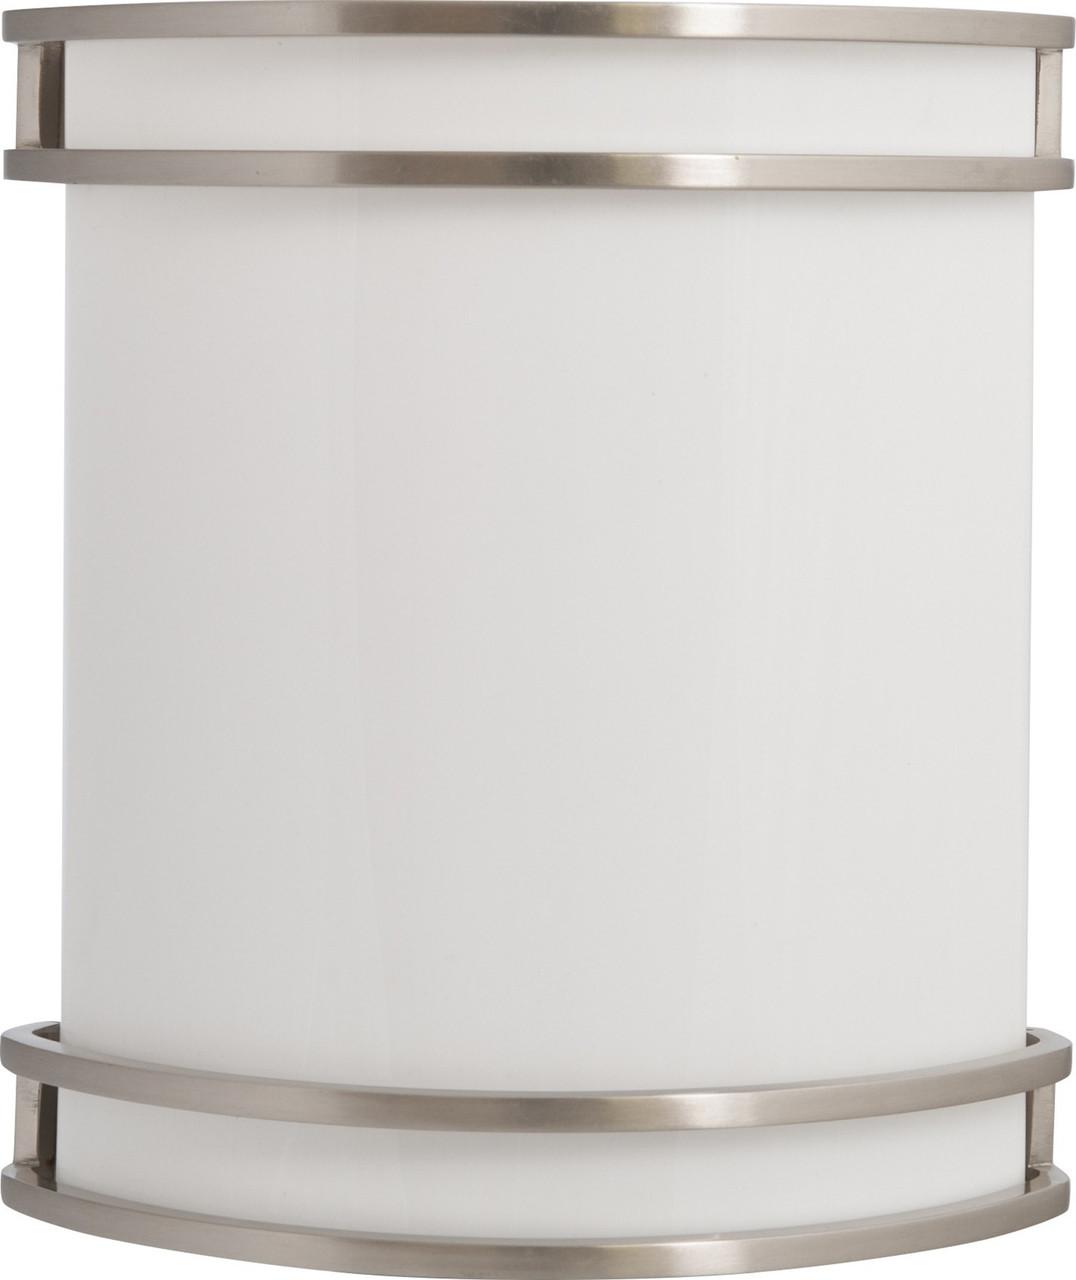 14 Watt LED Vanity Wall Sconce light, 1200 lumens